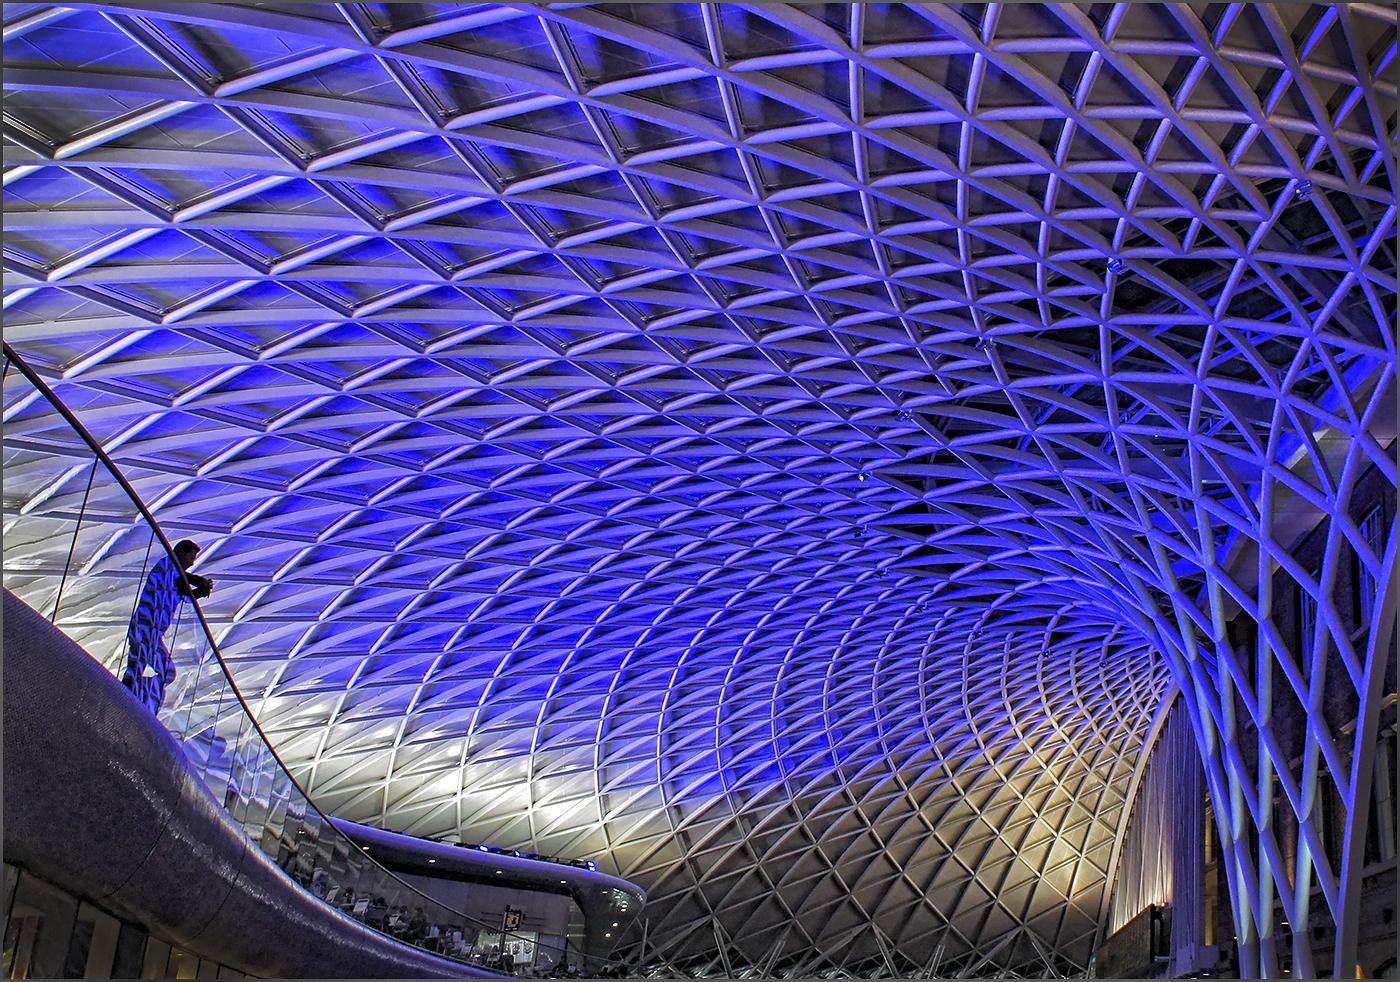 Kings Cross station London